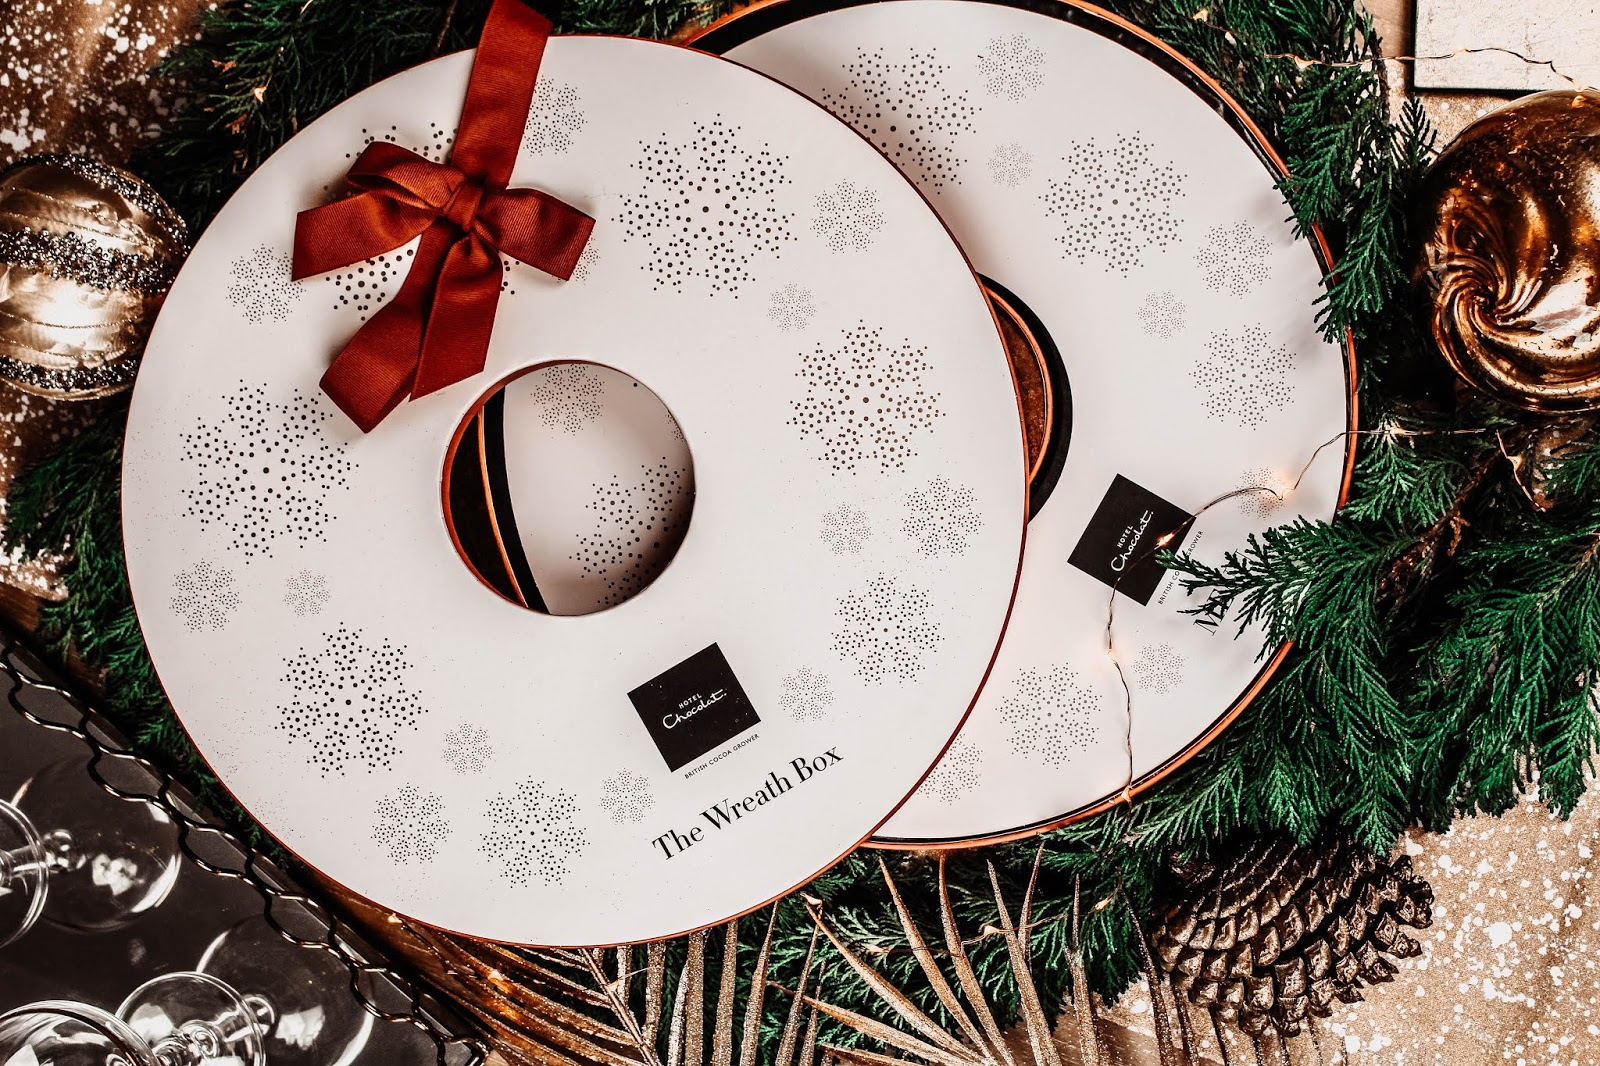 Hotel Chocolat Christmas Giveaway Open Worldwide